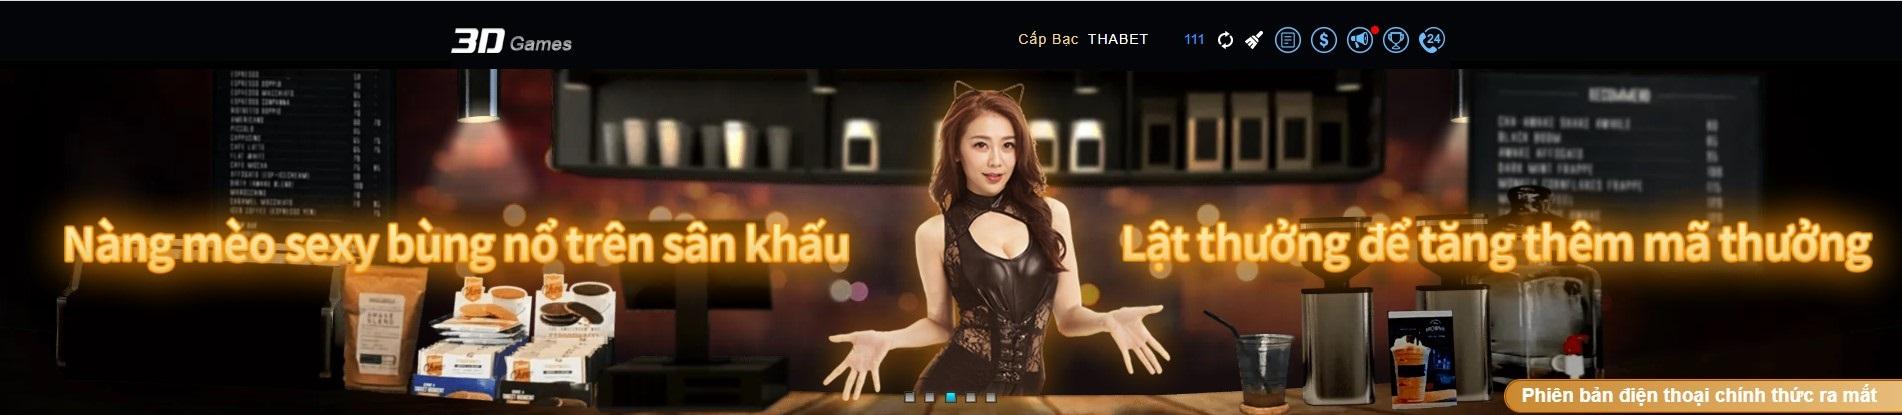 Thabet88 được đầu tư bởi tập đoàn quốc tế Jiu Zhou Technologies International